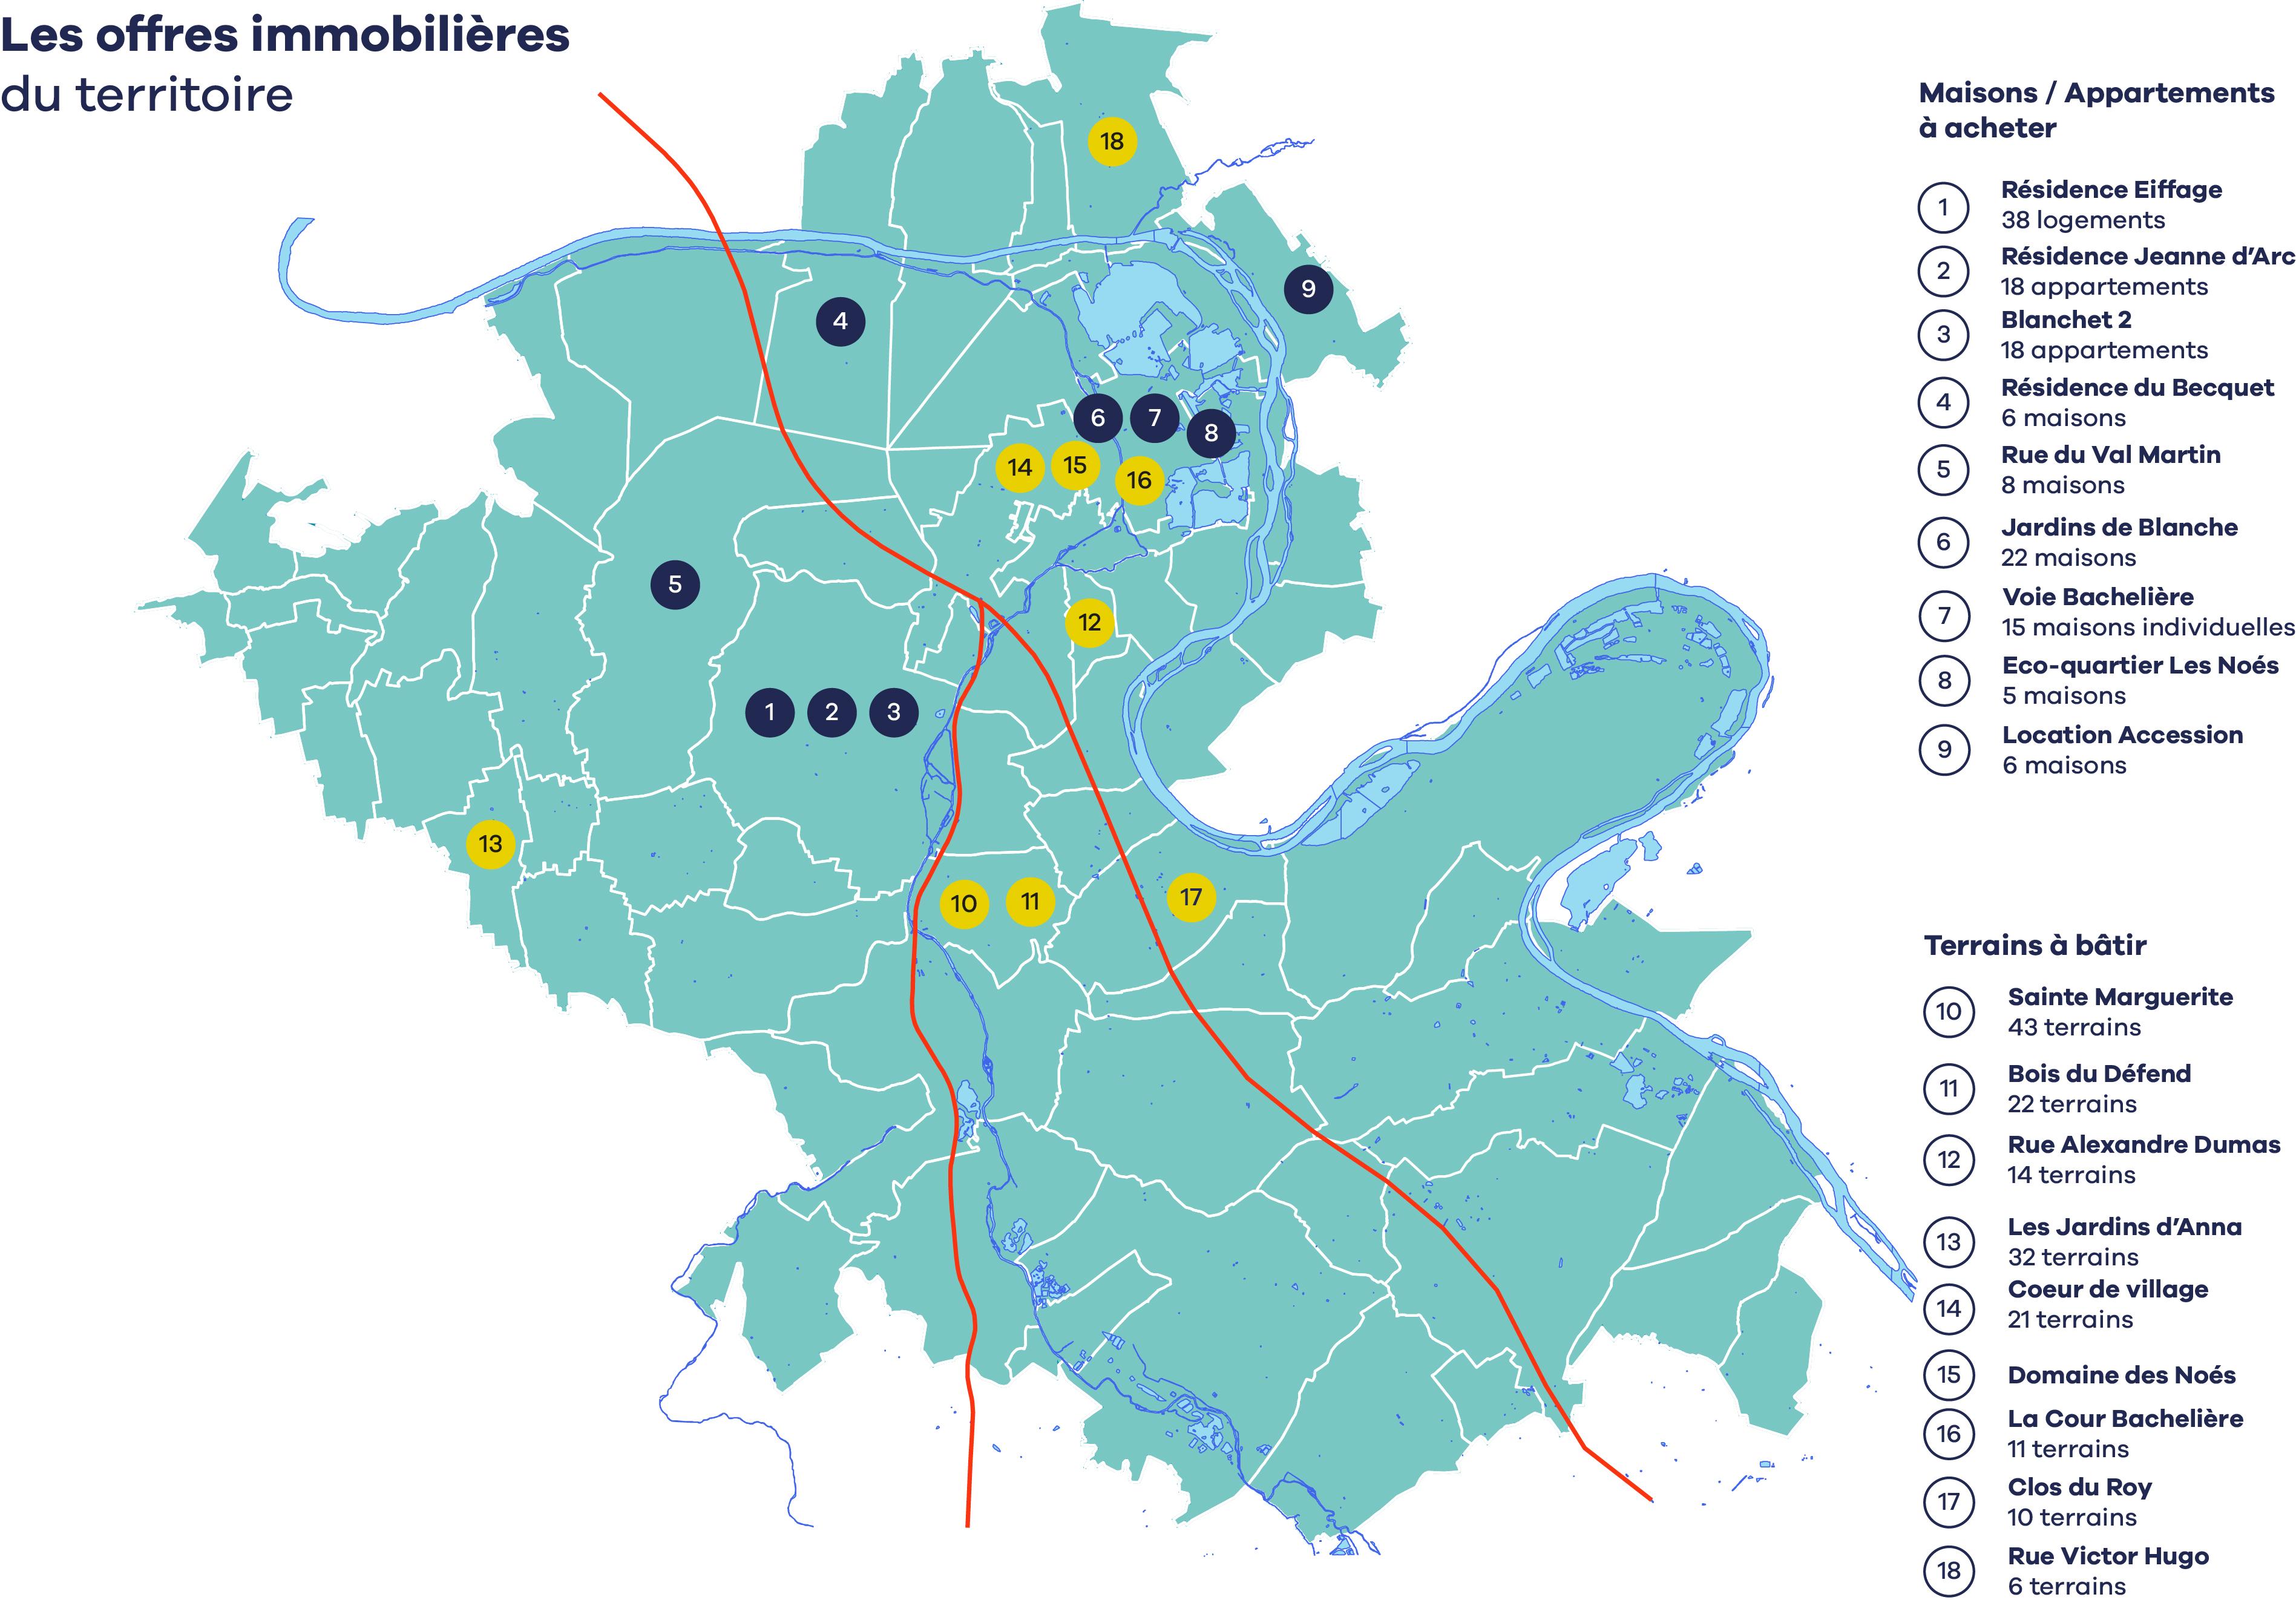 Carte des offres immobilières en Seine-Eure